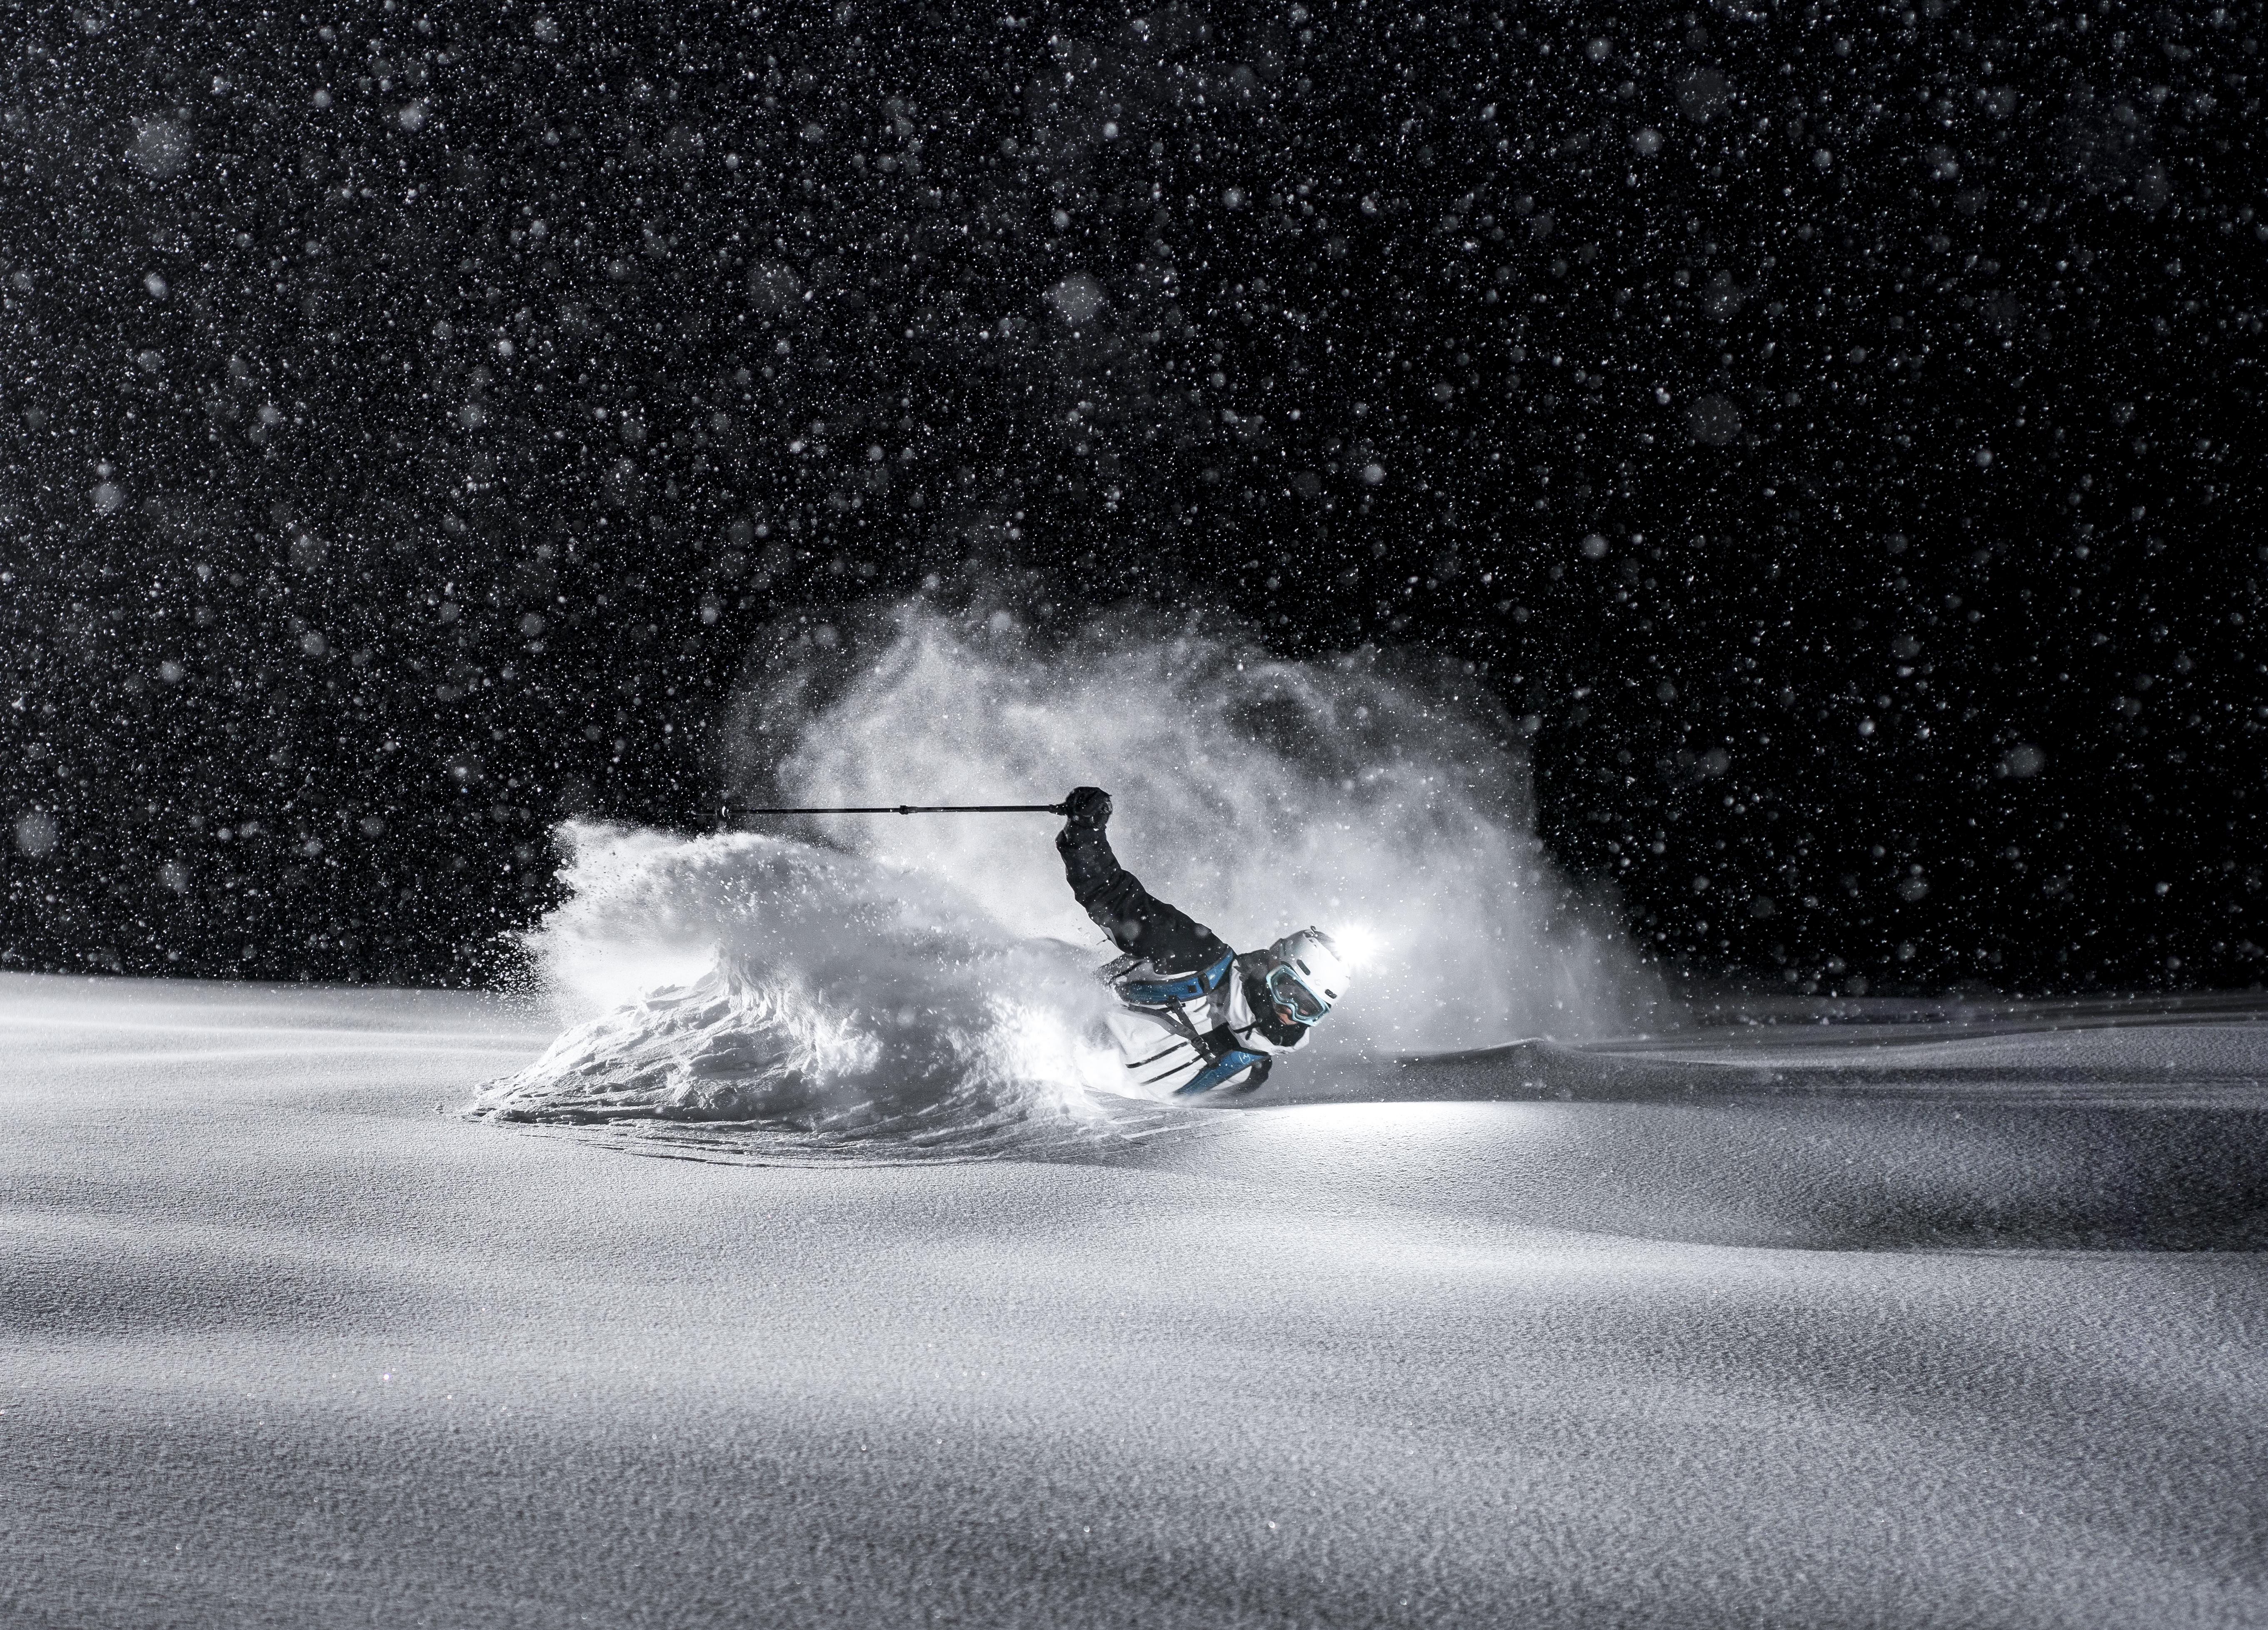 Powder skiing at night